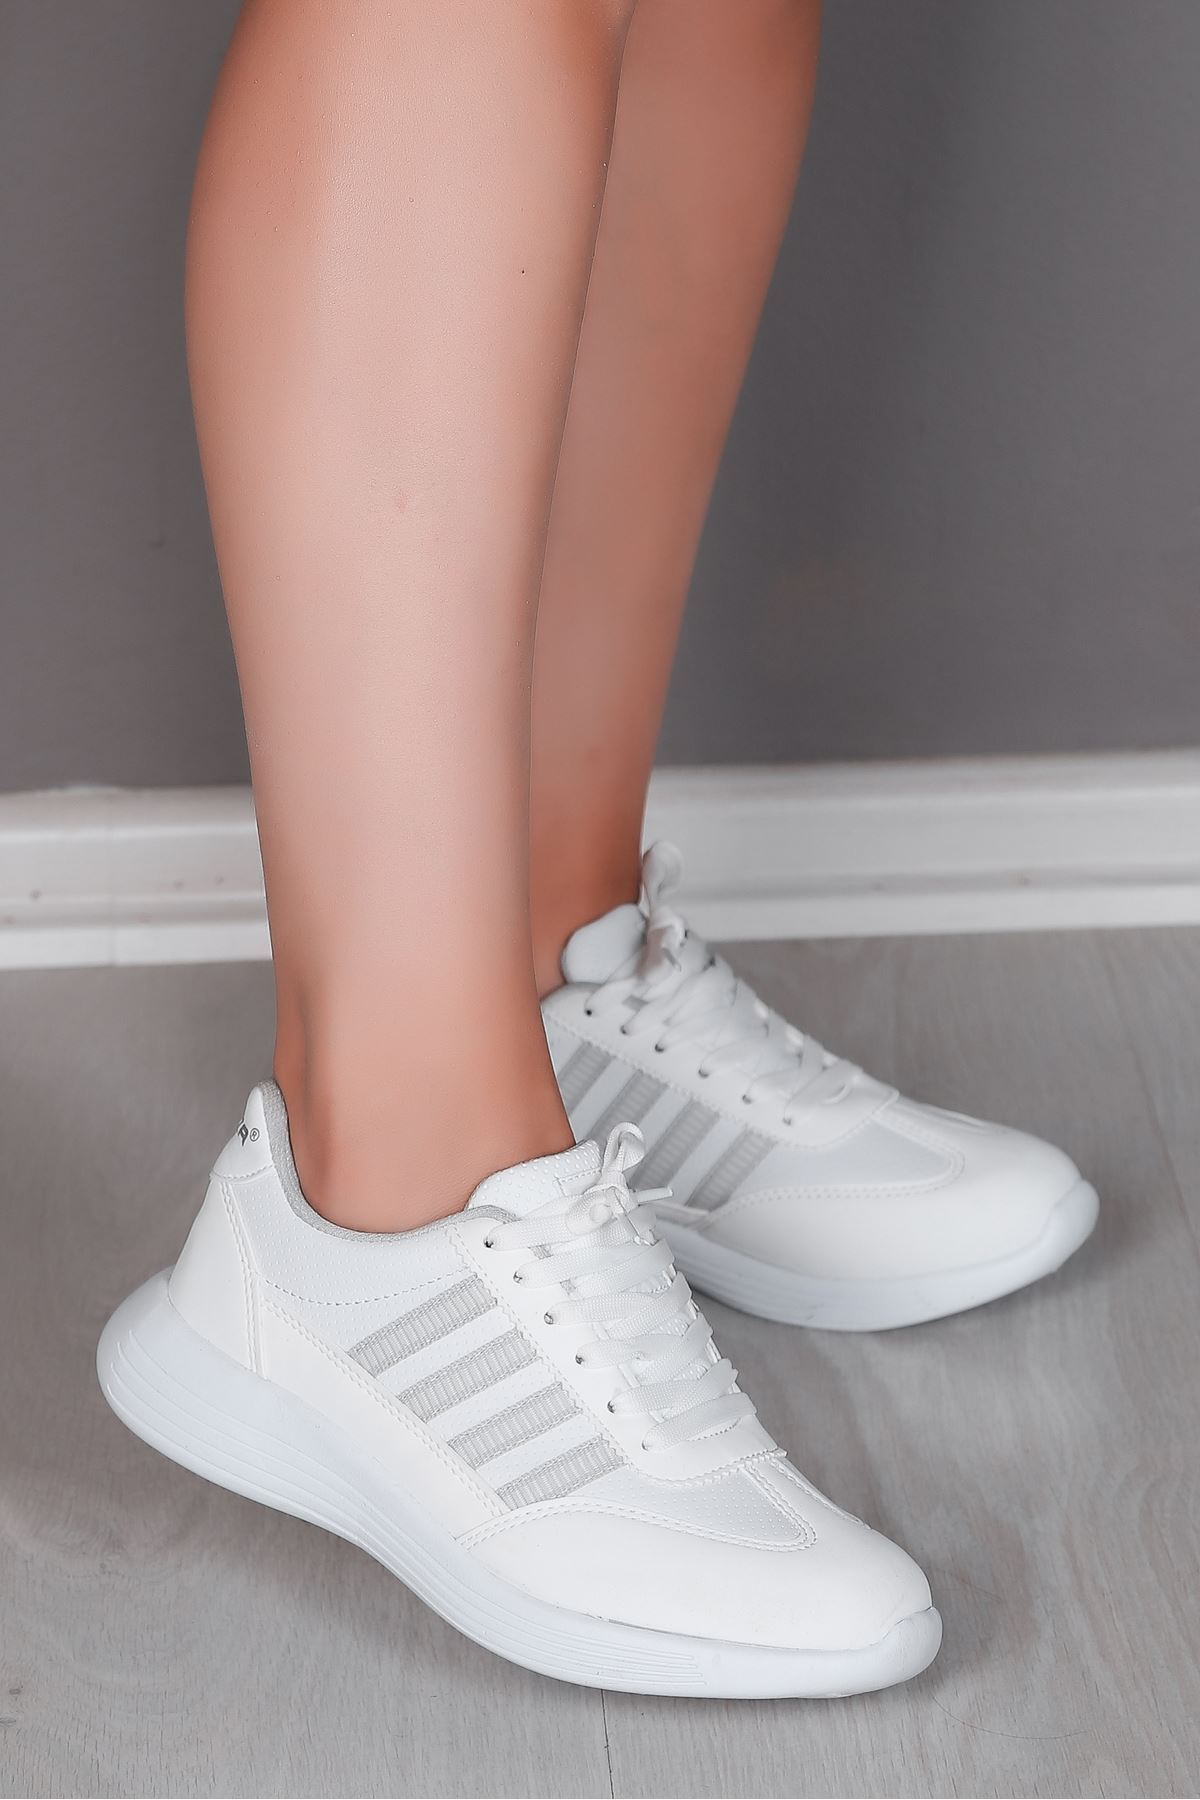 Giana Beyaz Kadın Spor Ayakkabı